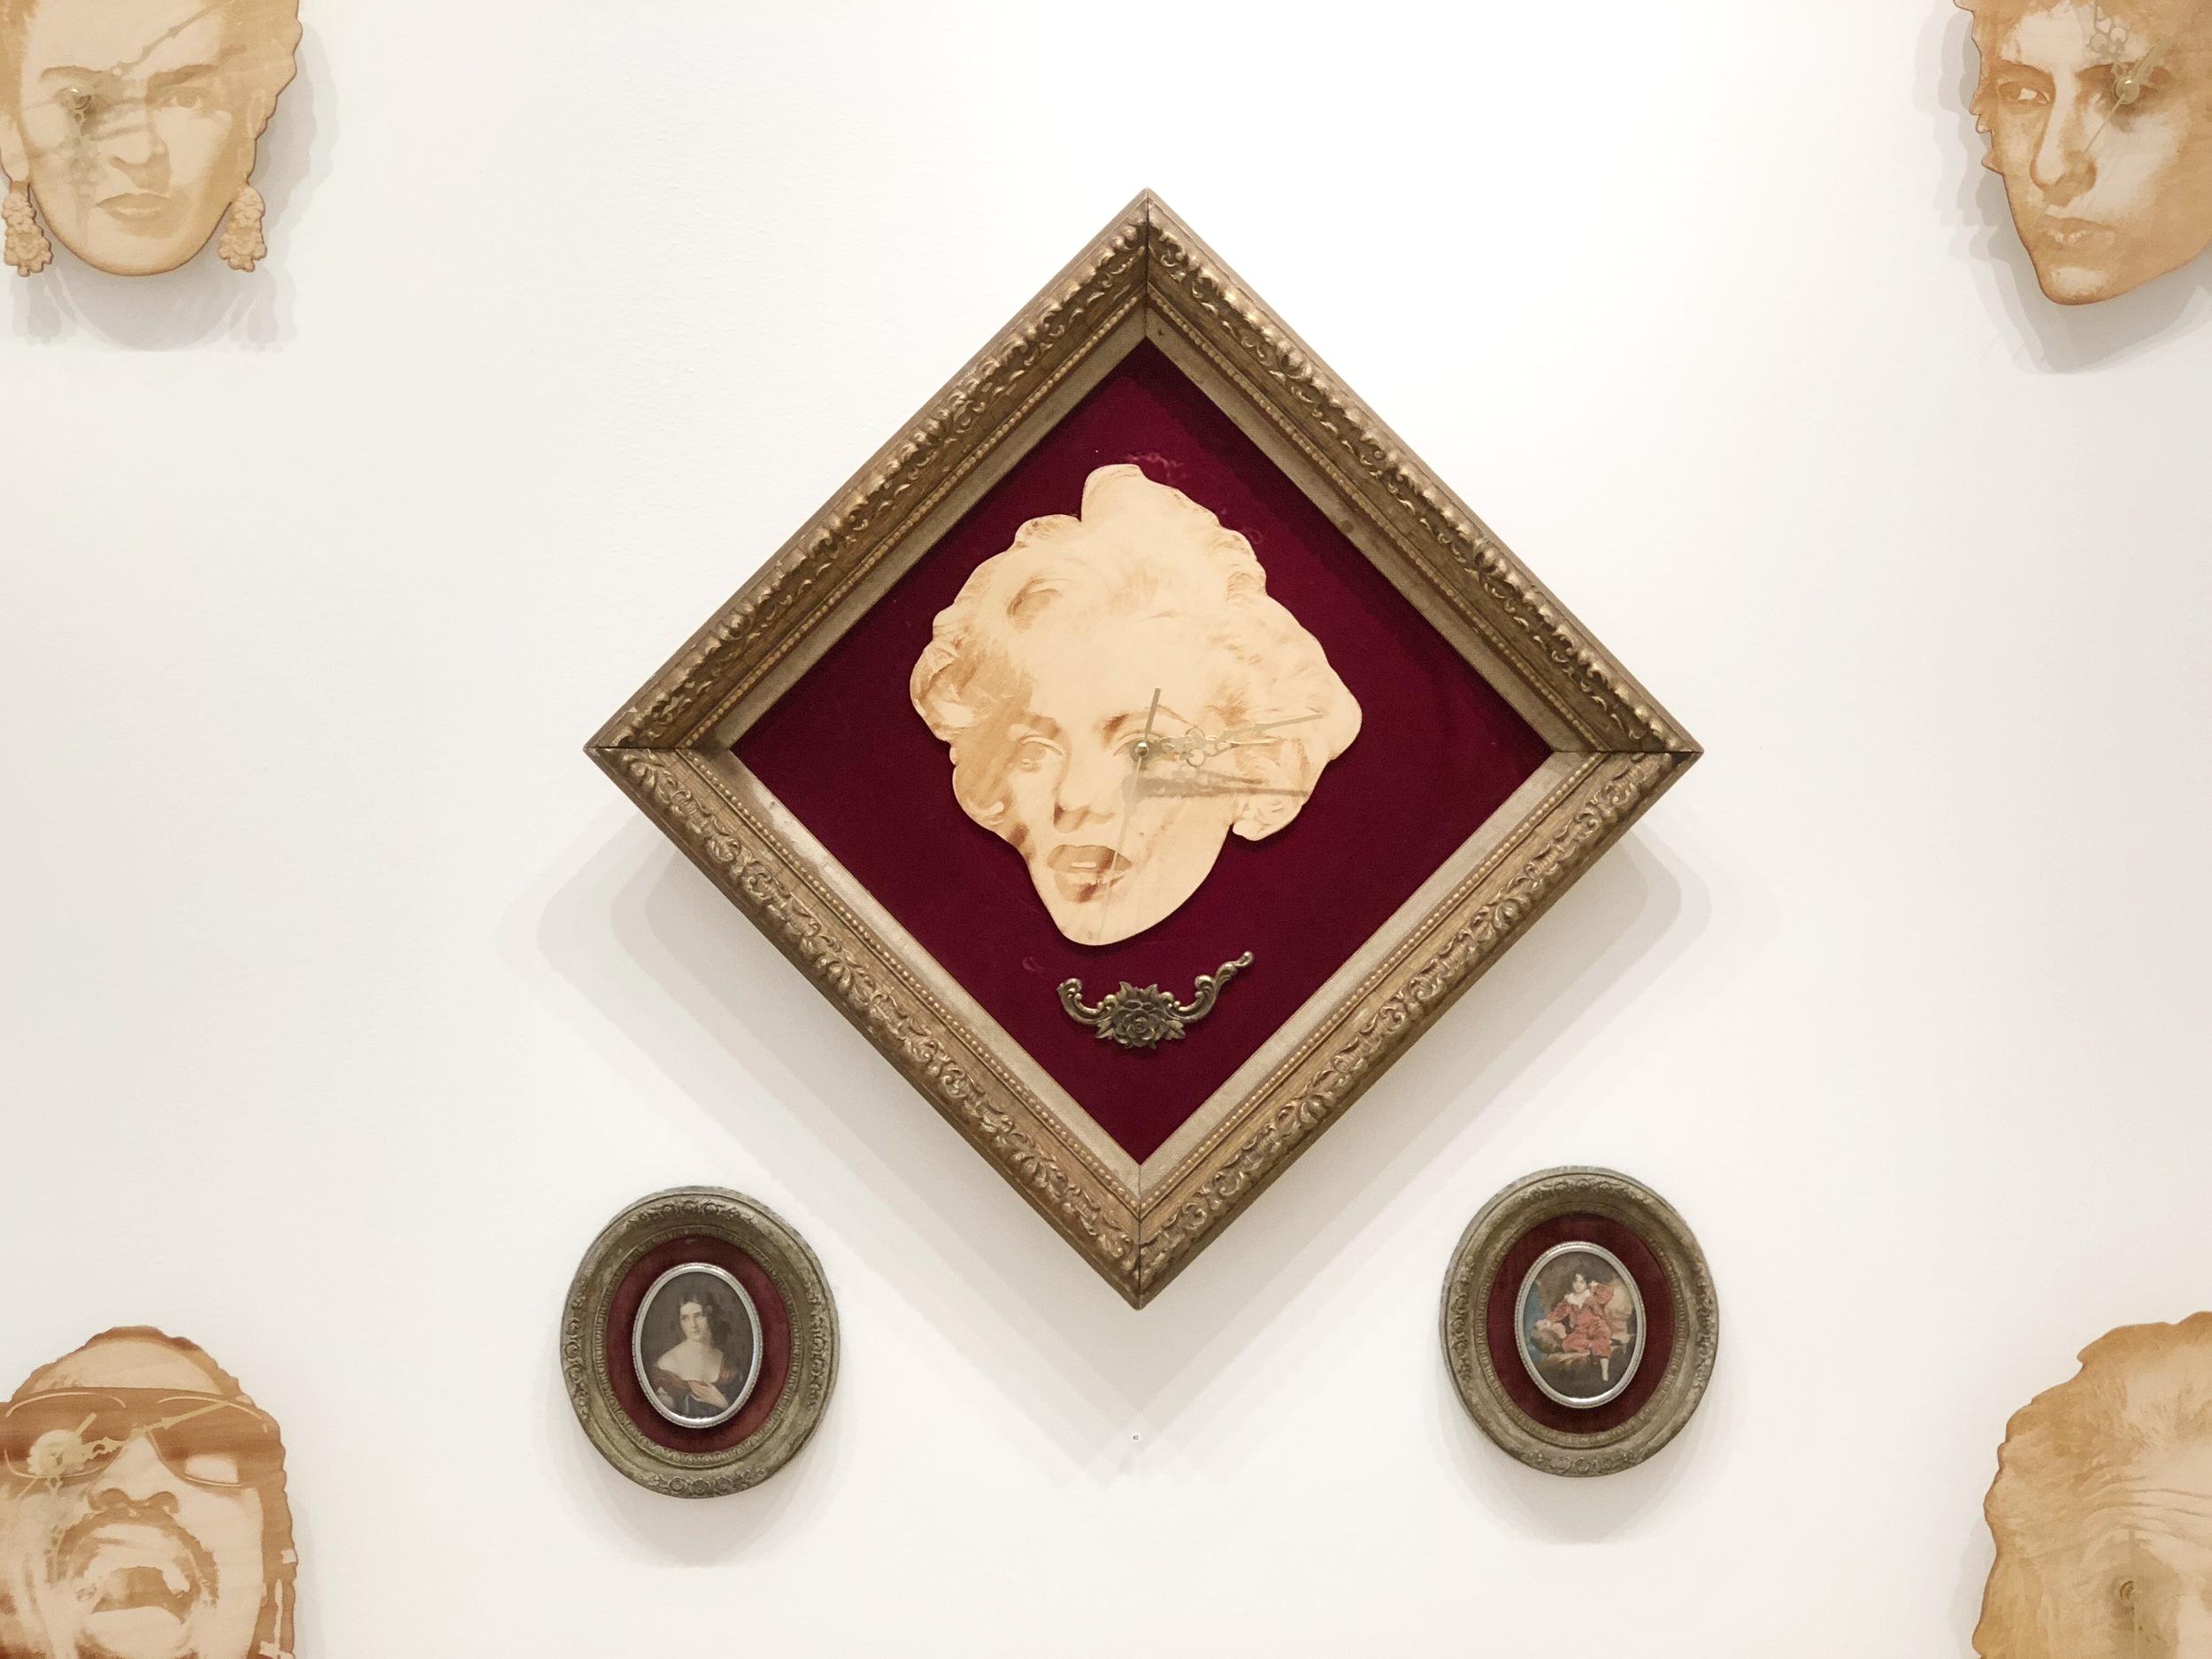 Clockwork Cros, Red Rose Marilyn Monroe Clock (3 piece suite) , 2015